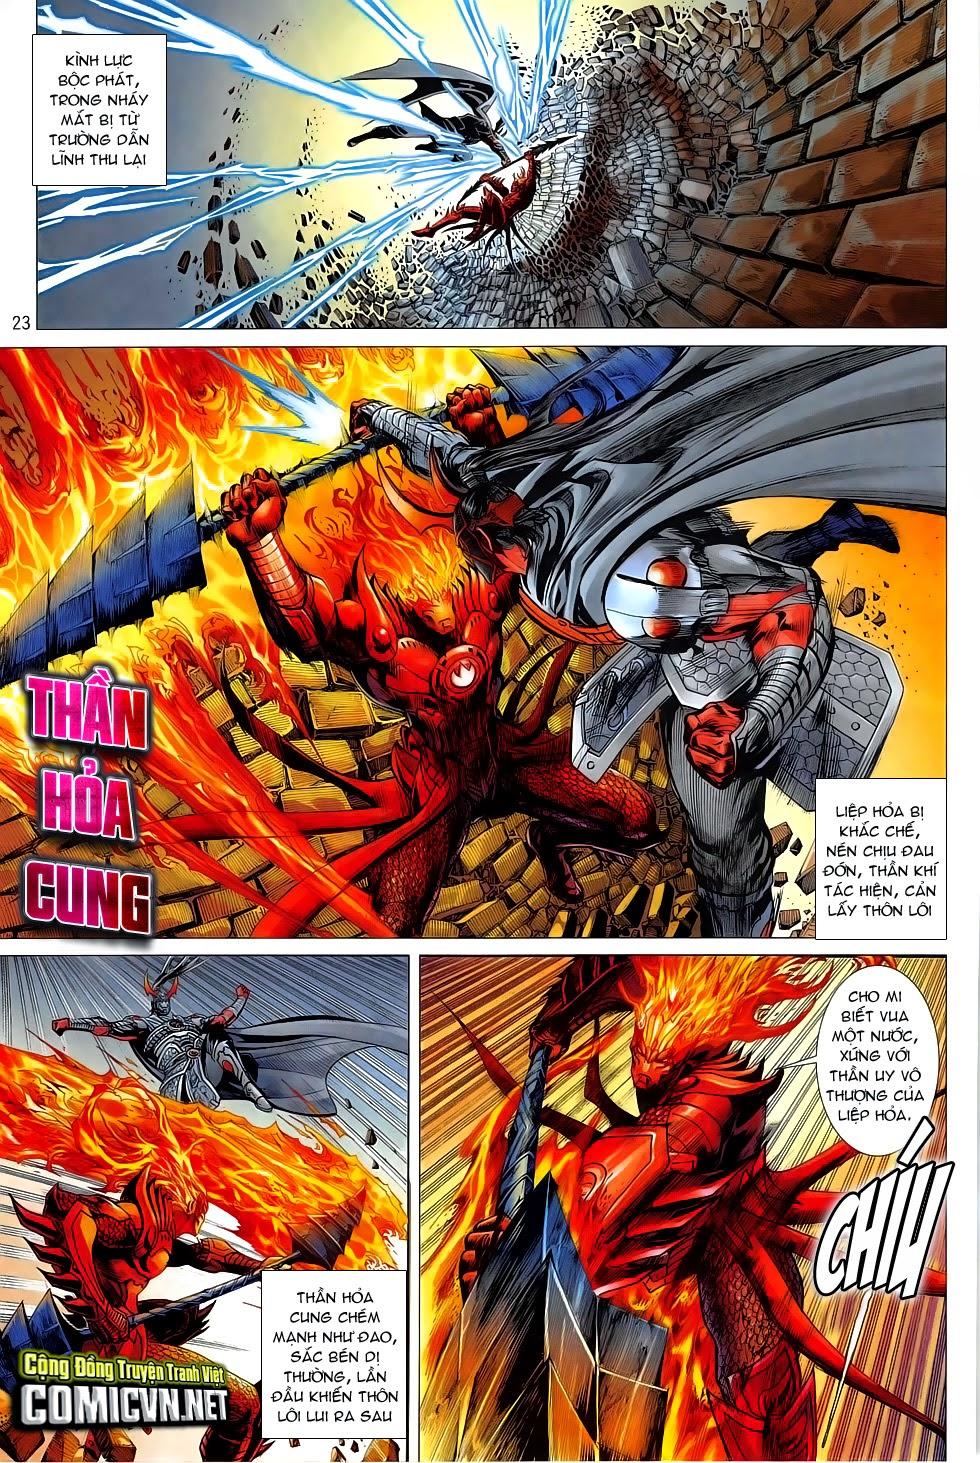 Chiến Phổ chapter 5: lôi hỏa kinh thiên chiến trang 22